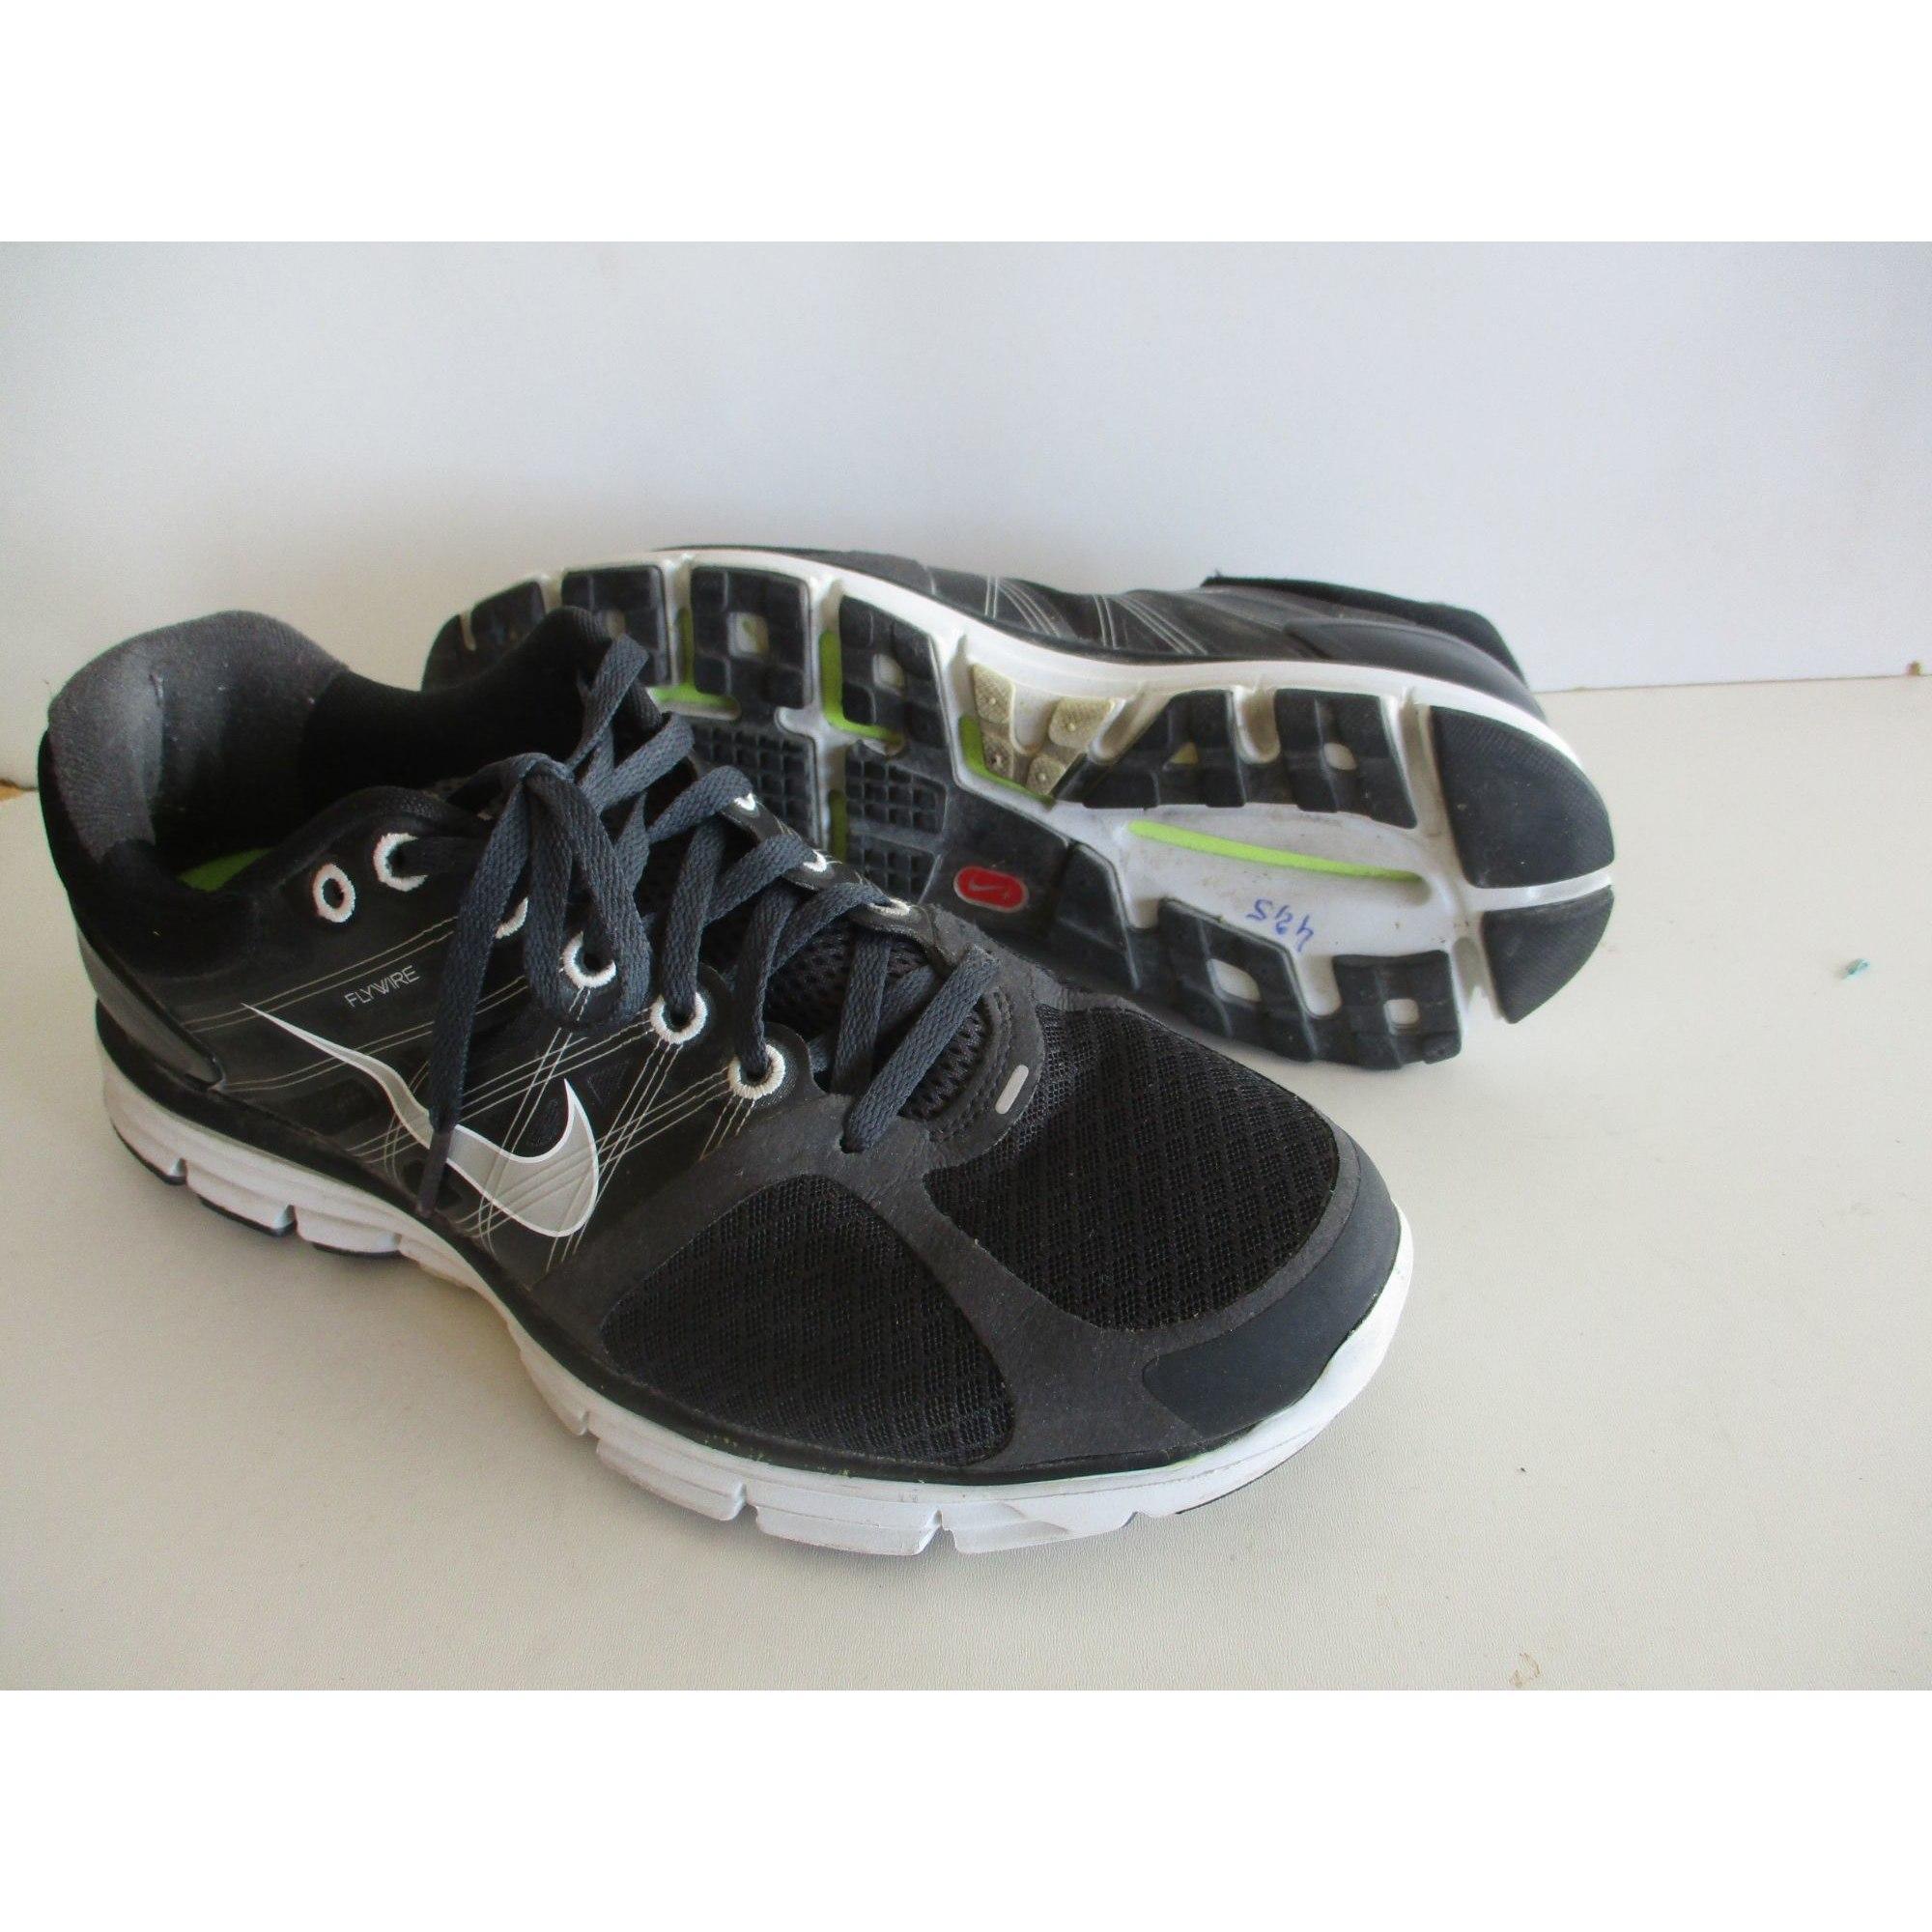 Baskets nylon noir Synthétique Nike pour homme en coloris Noir pY9l